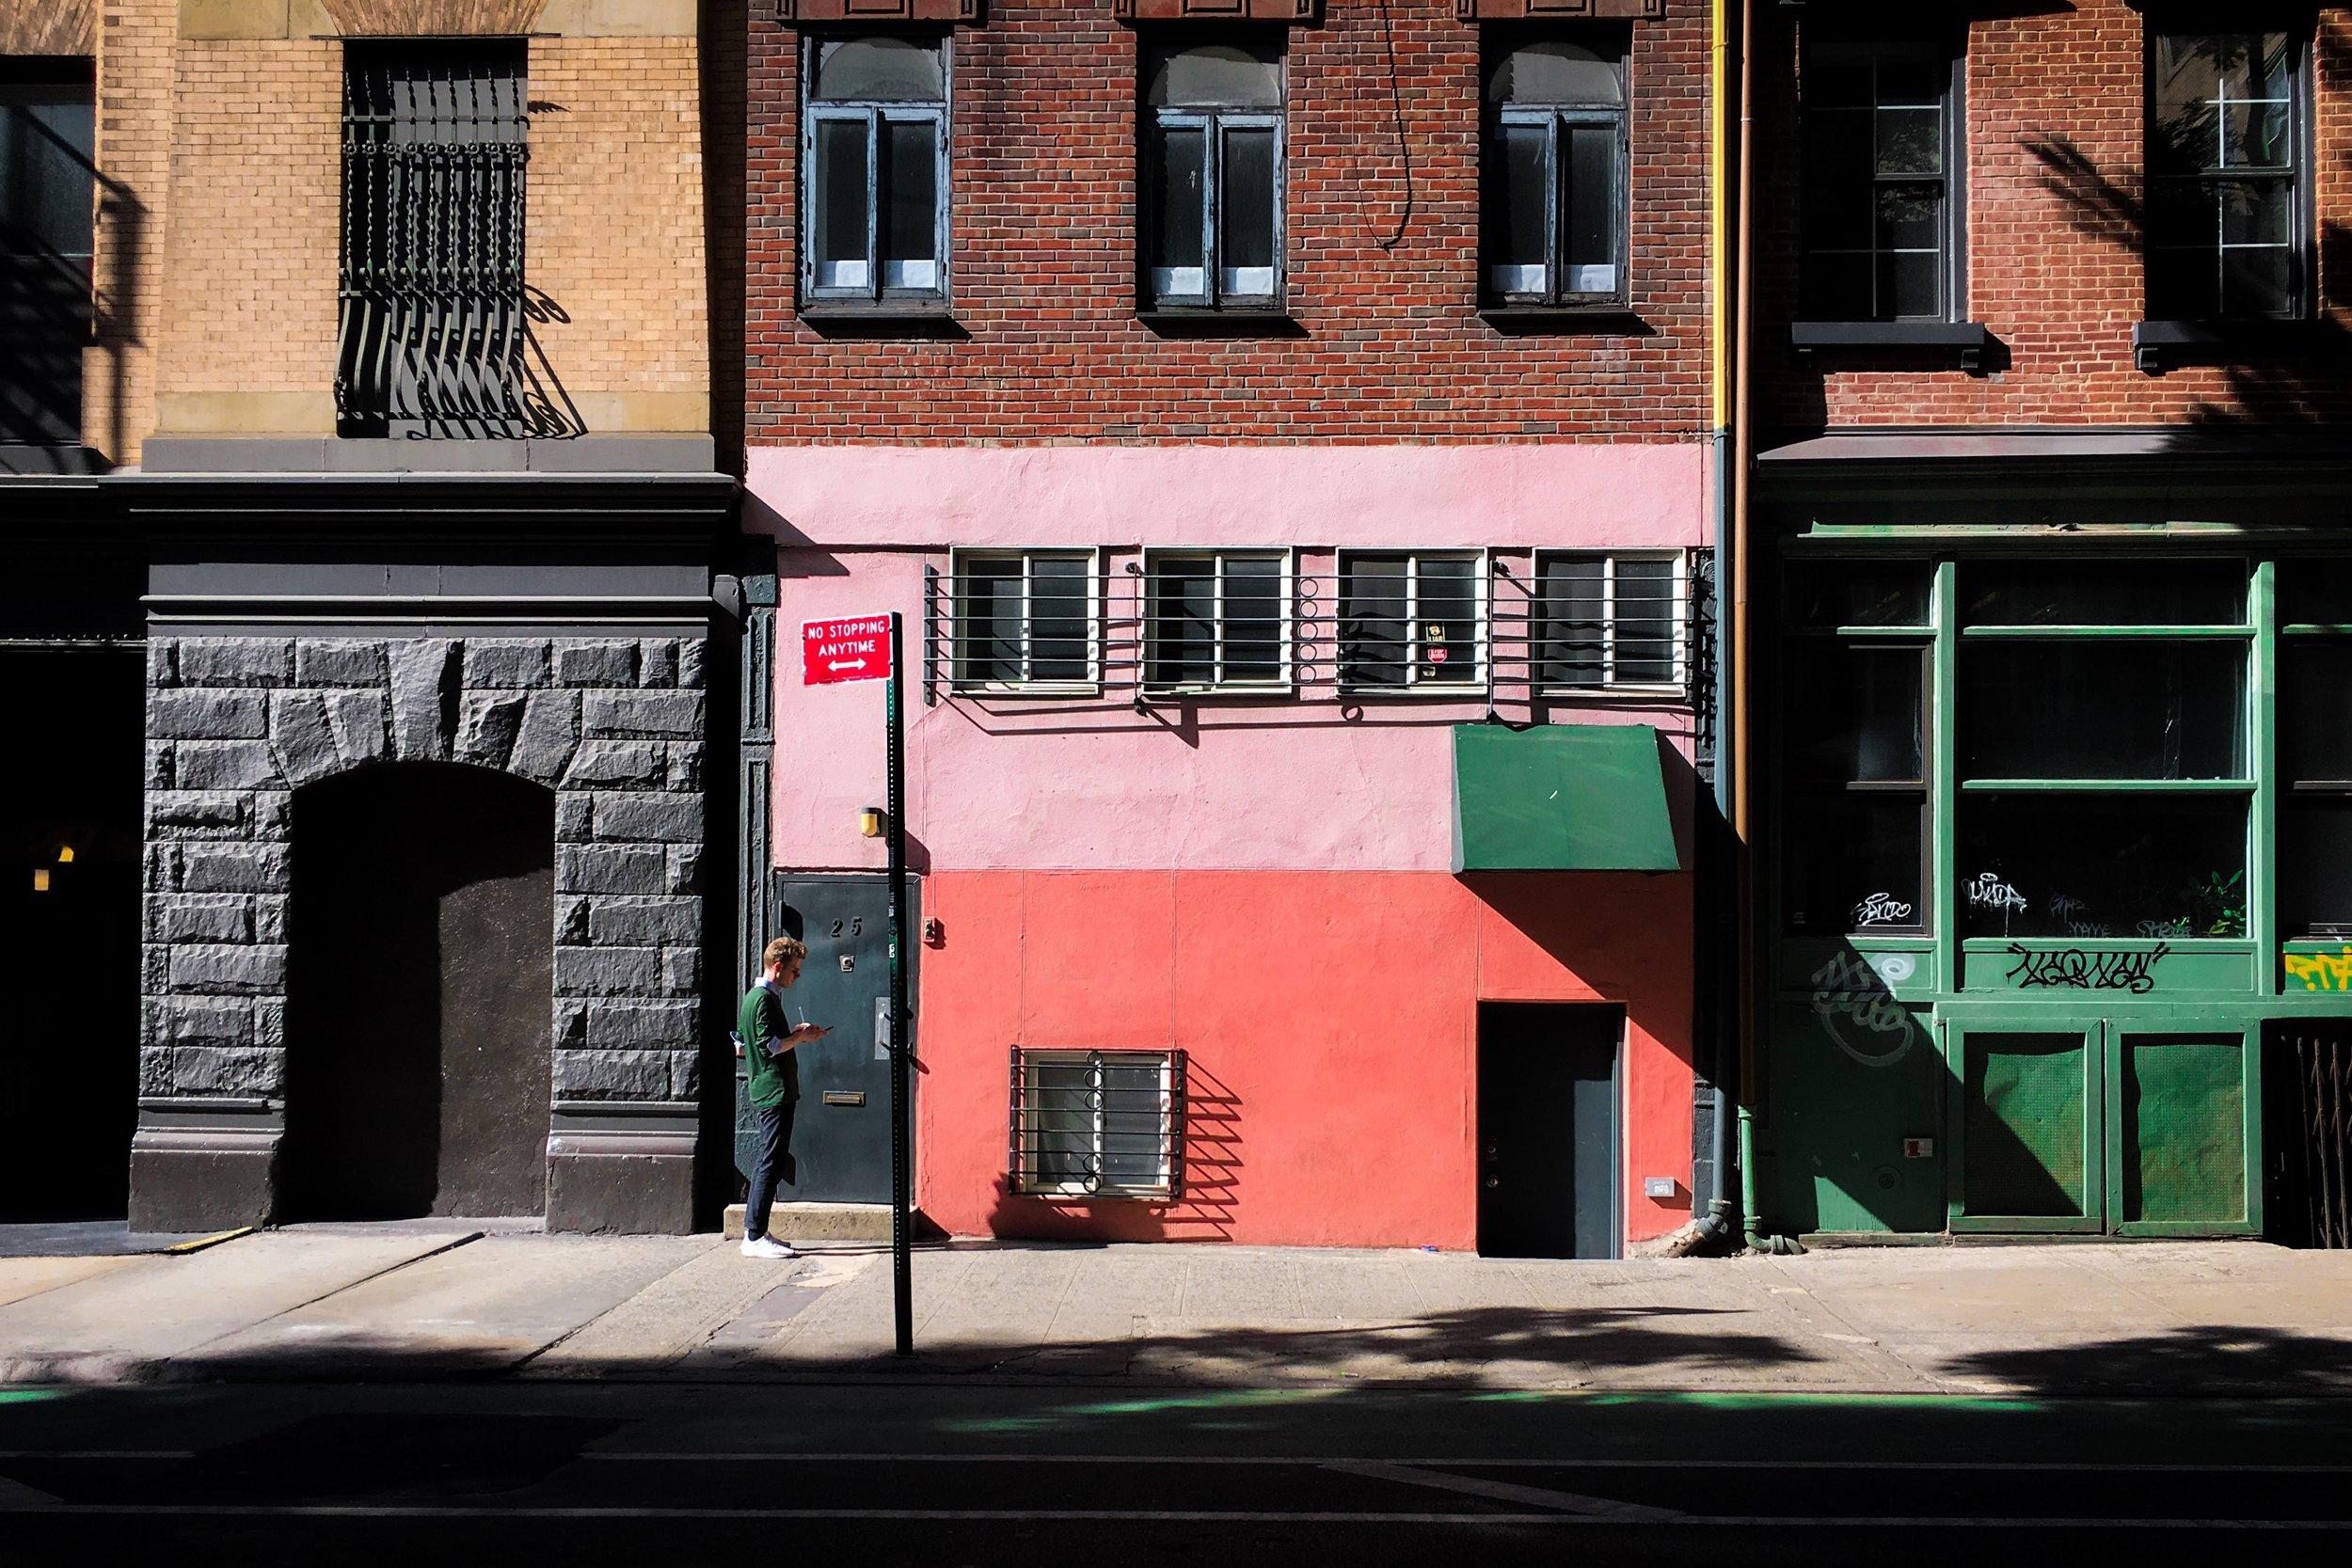 Bleeker street.